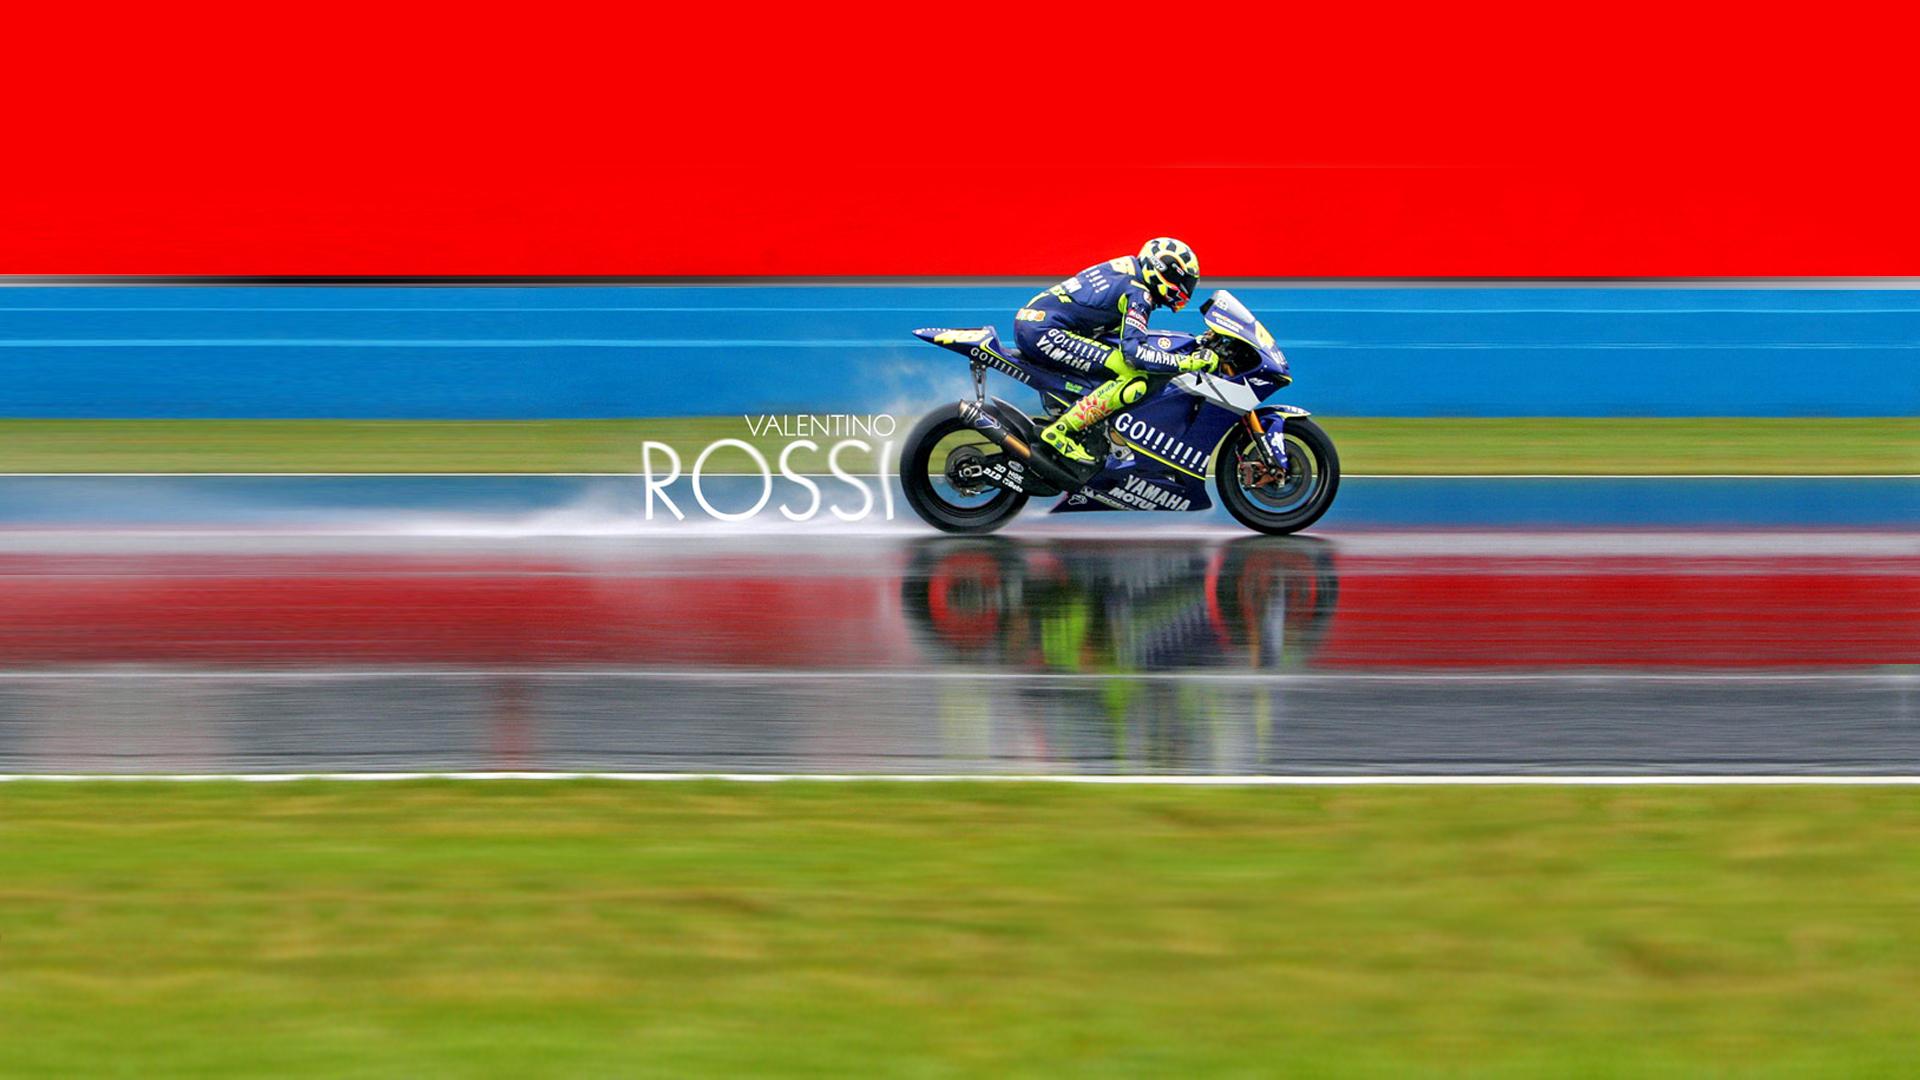 Valentino Rossi MotoGP Racer Wallpapers HD Wallpapers 1920x1080